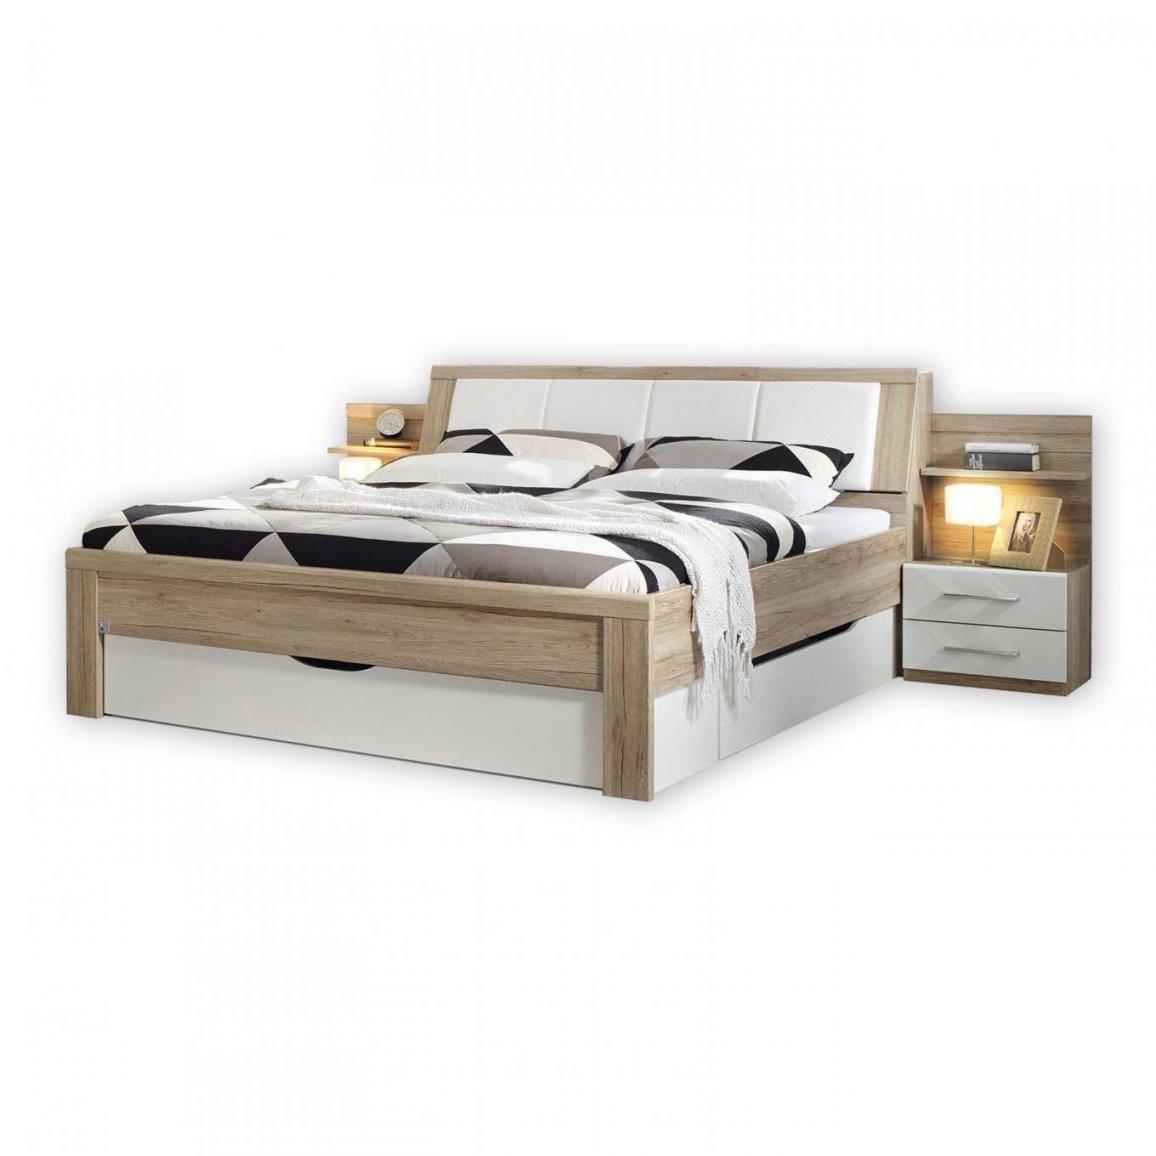 Roller Betten Mit Bettkasten  Haus Design Ideen von Roller Betten Mit Bettkasten Photo